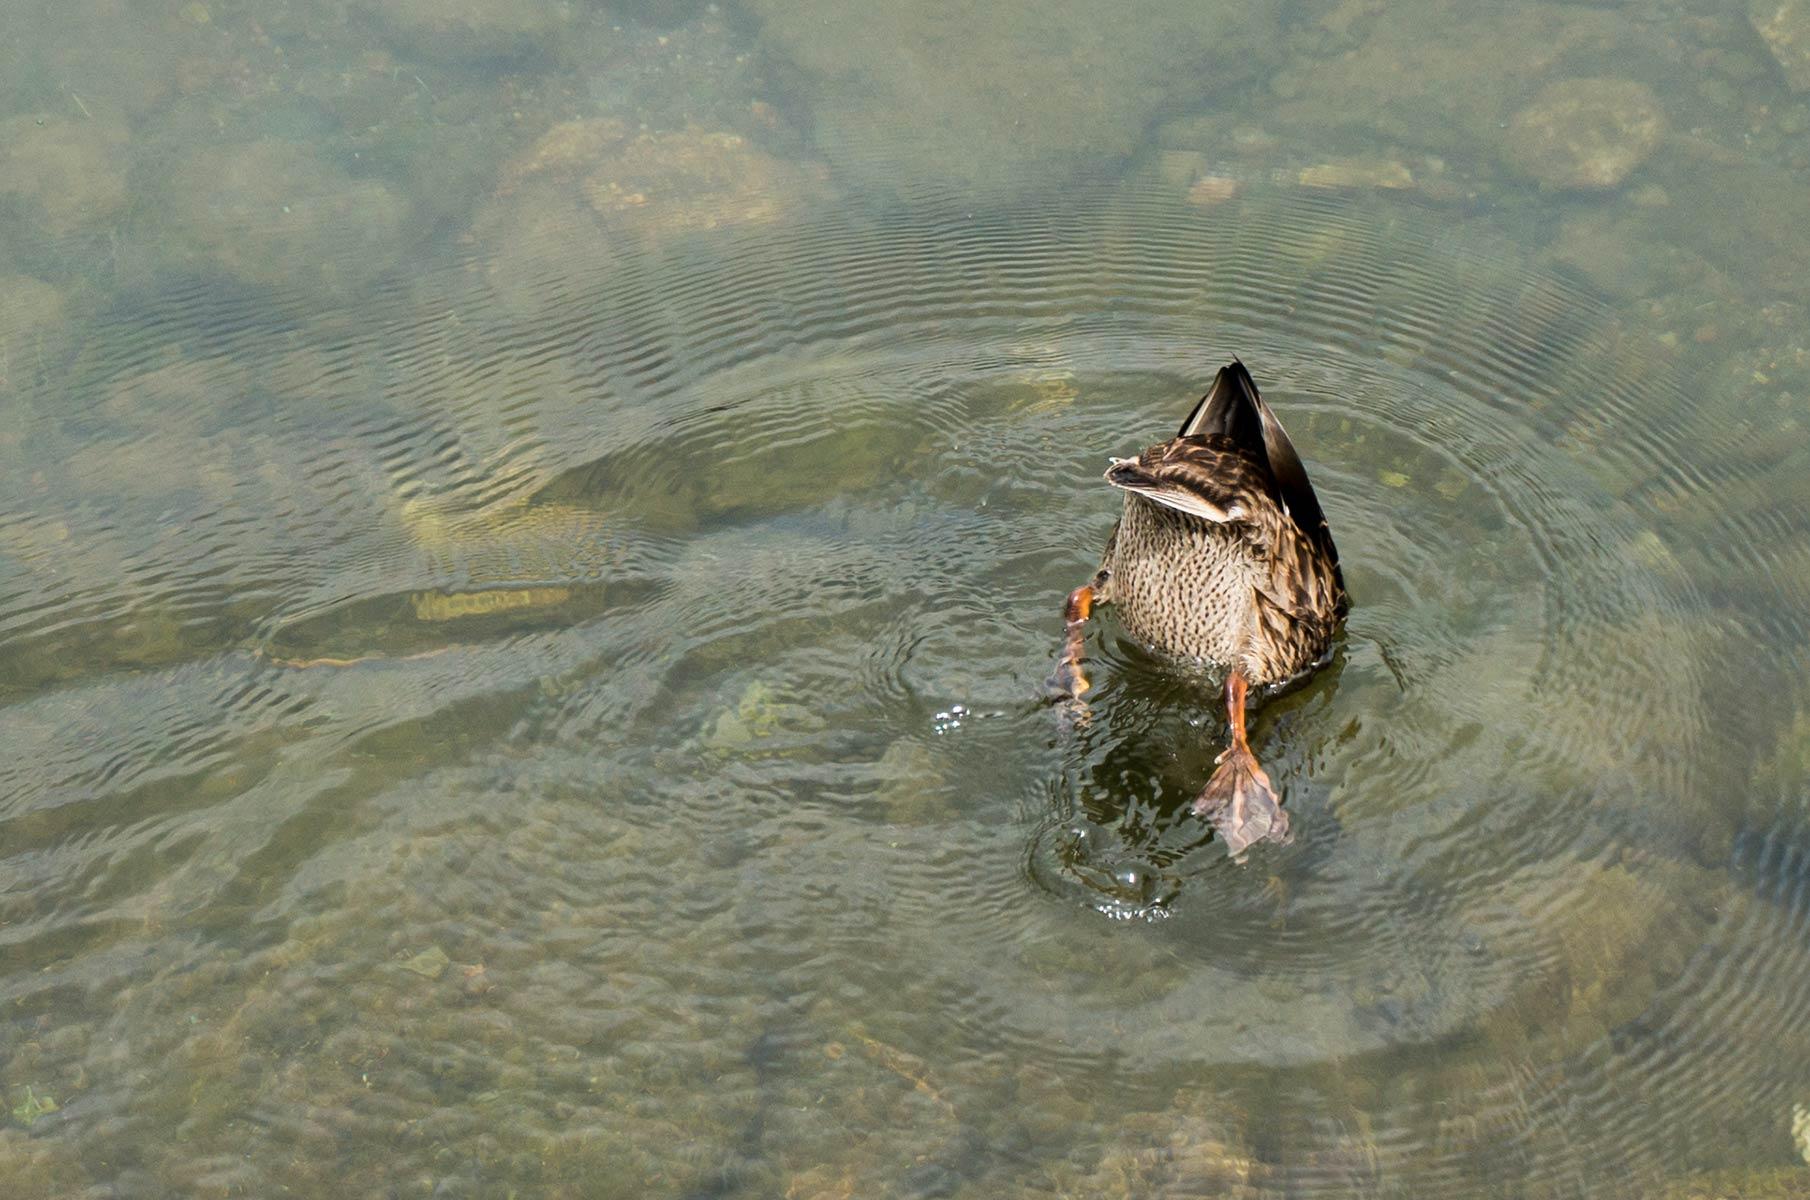 Tauchende Ente am Yomoto See in Nikko, Japan